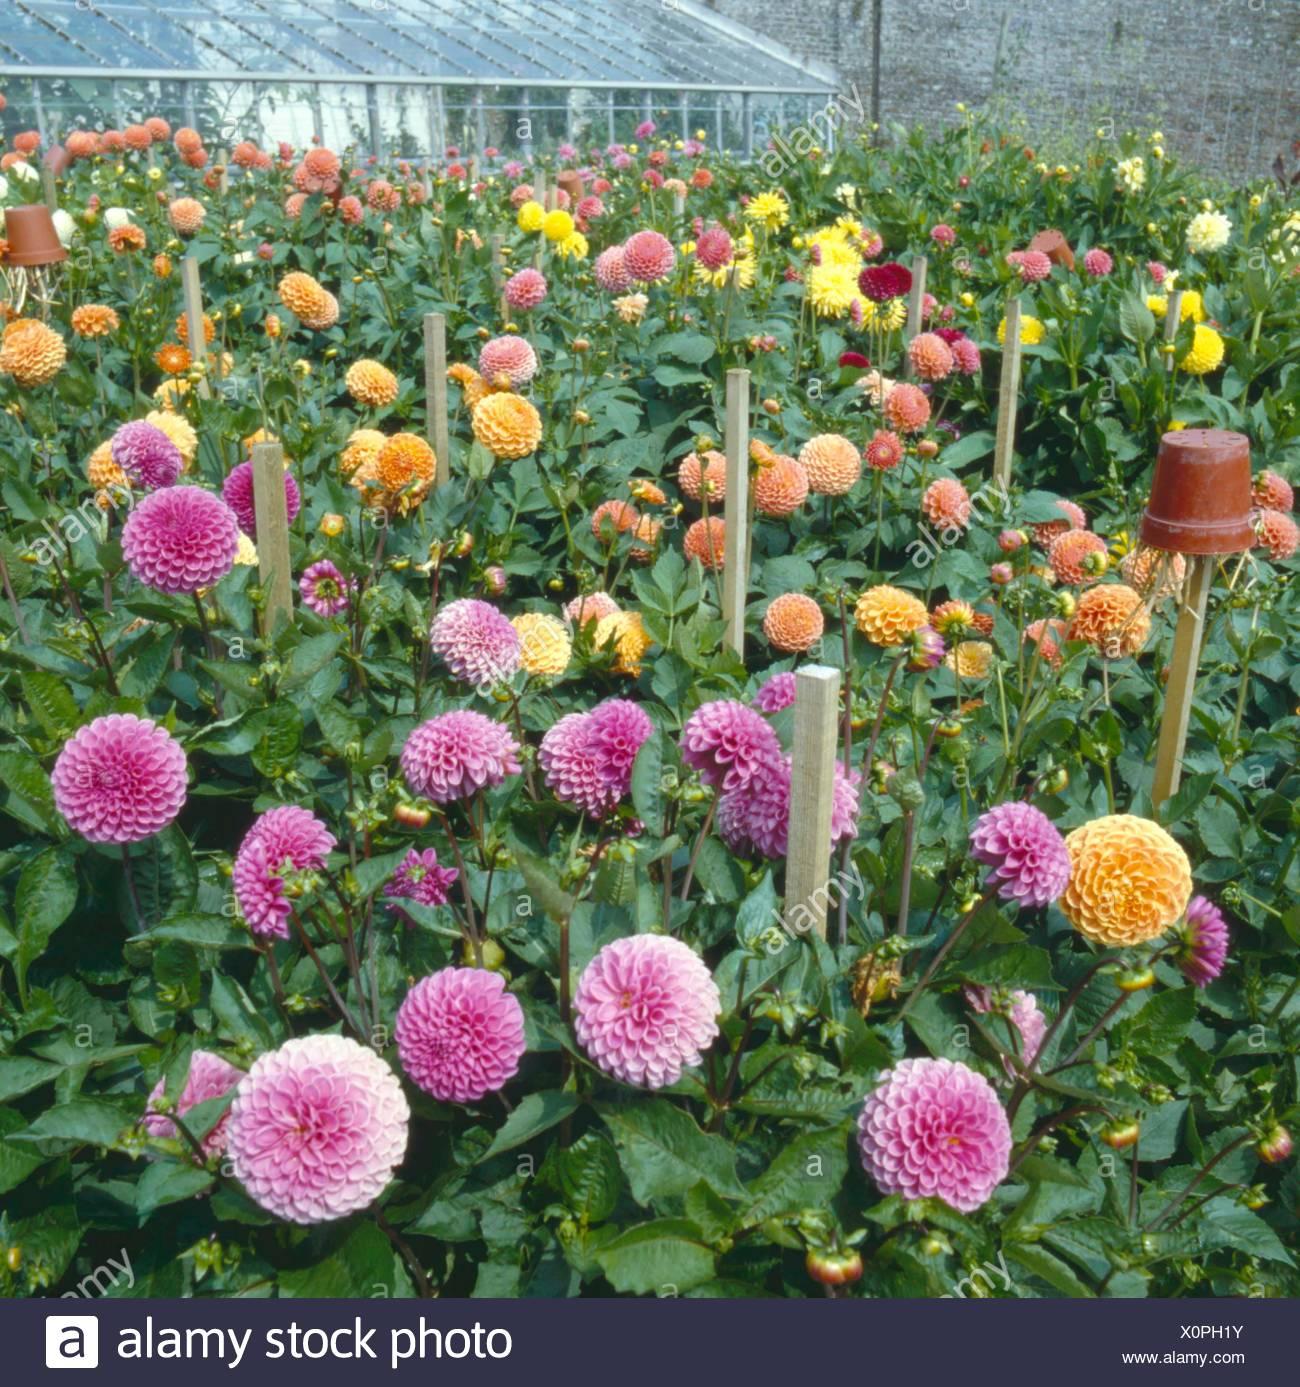 Dahlia garden with varieties for cut flowers nb earwig trap dahlia garden with varieties for cut flowers nb earwig trap dgn052489 photos horticultura izmirmasajfo